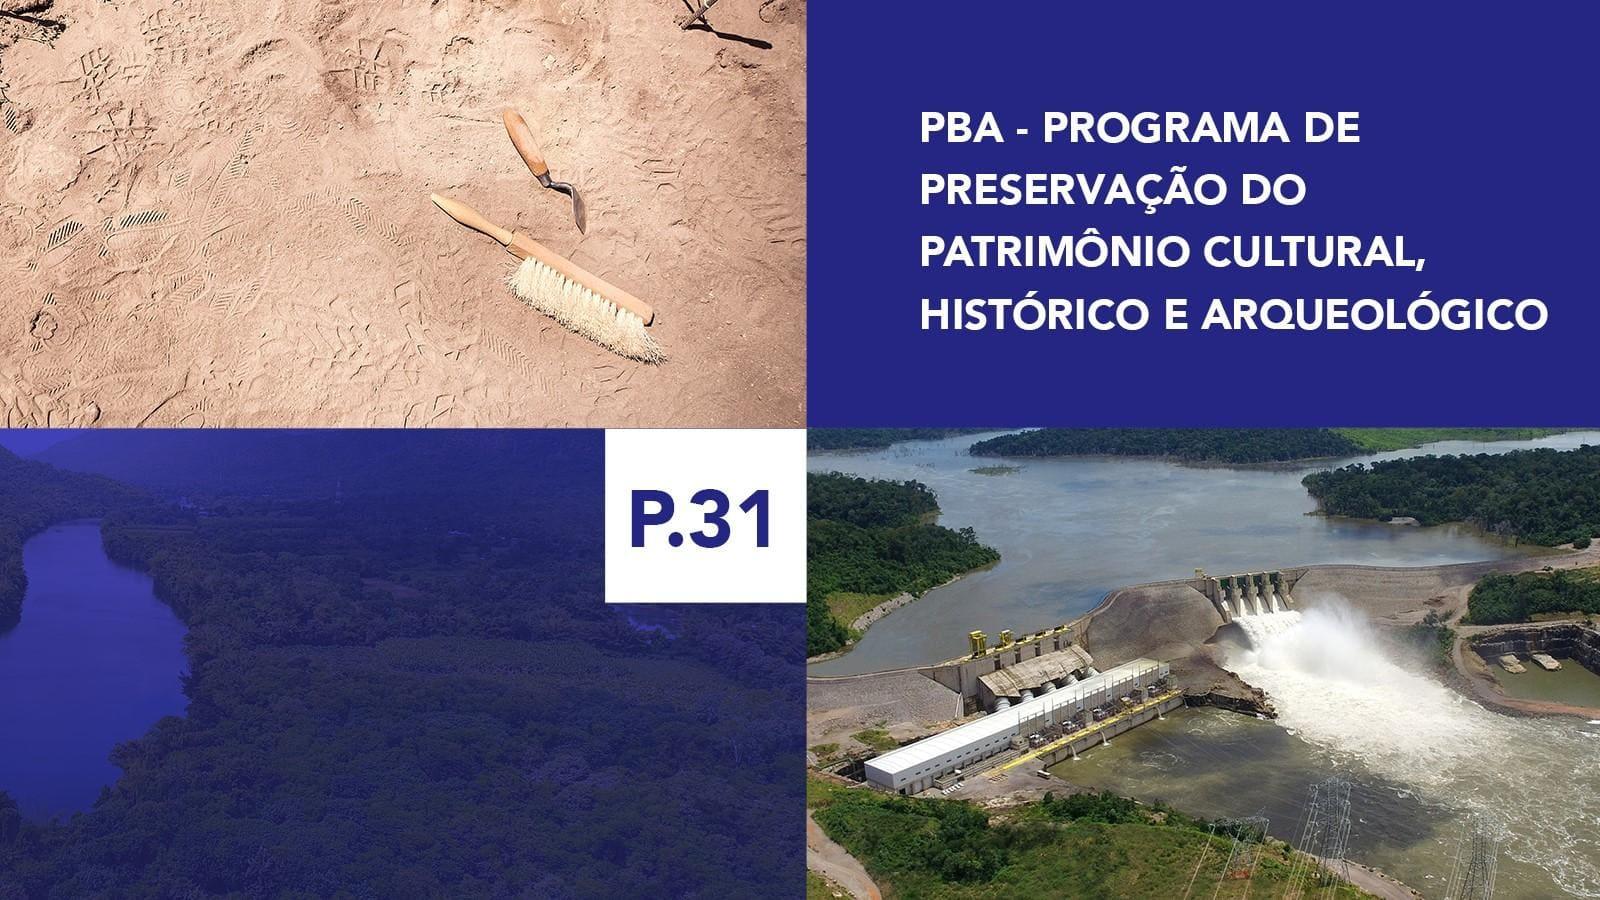 P.31 - Programa de Preservação do Patrimônio Cultural, Histórico e Arqueológico